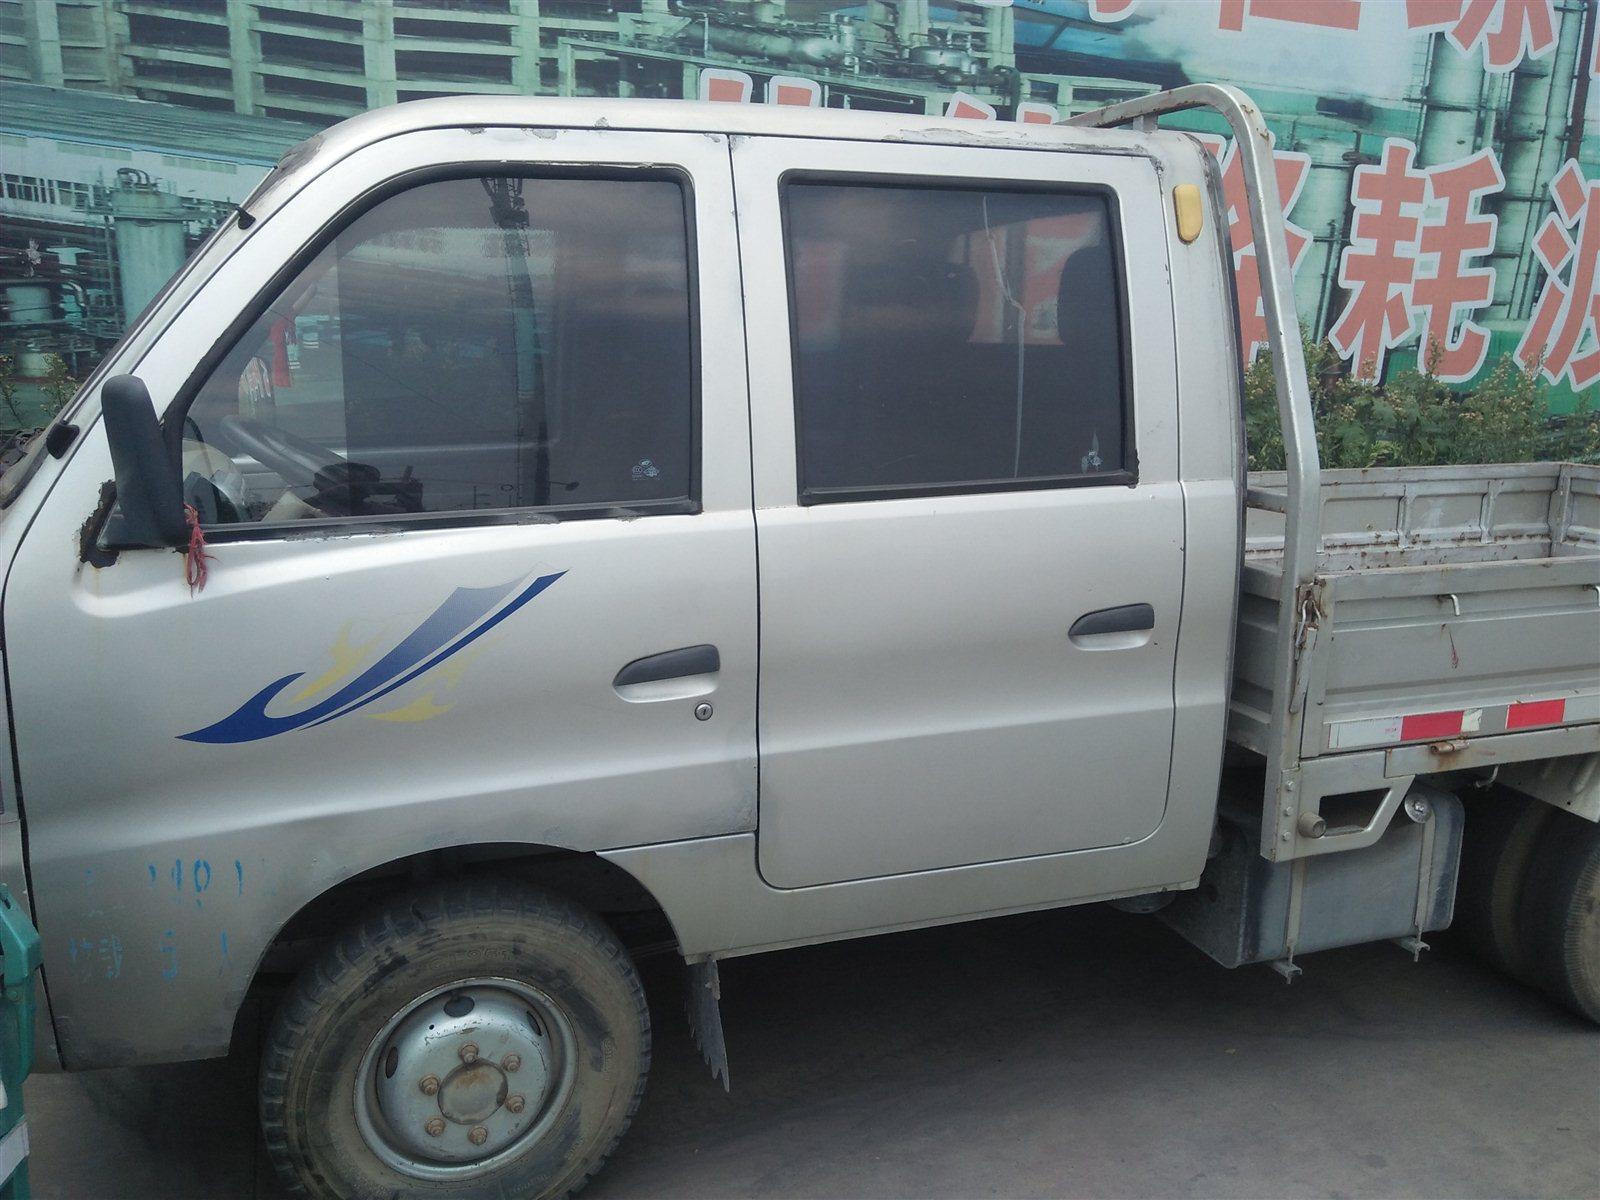 【】-葫芦岛二手车-赶集网